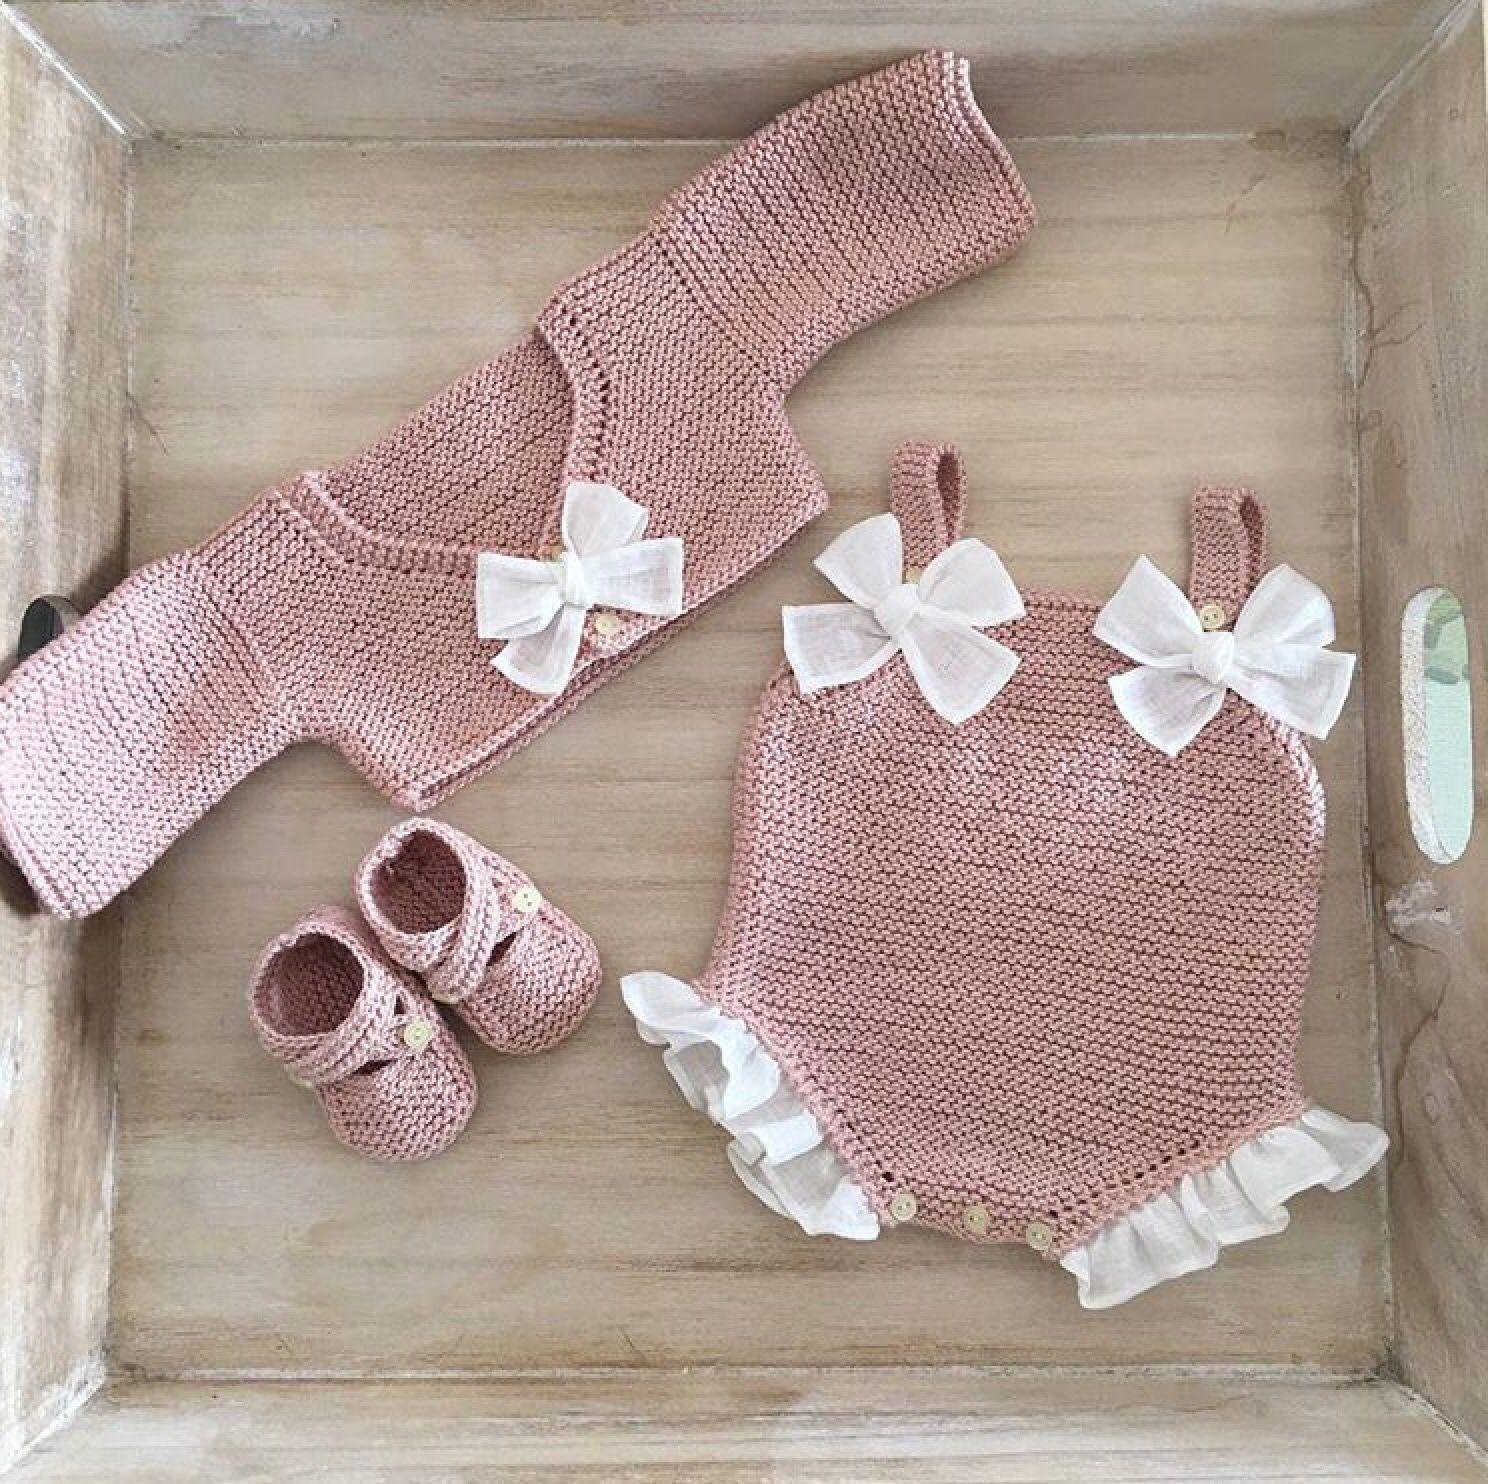 lina maestre bebe babys kinder pinterest stricken. Black Bedroom Furniture Sets. Home Design Ideas